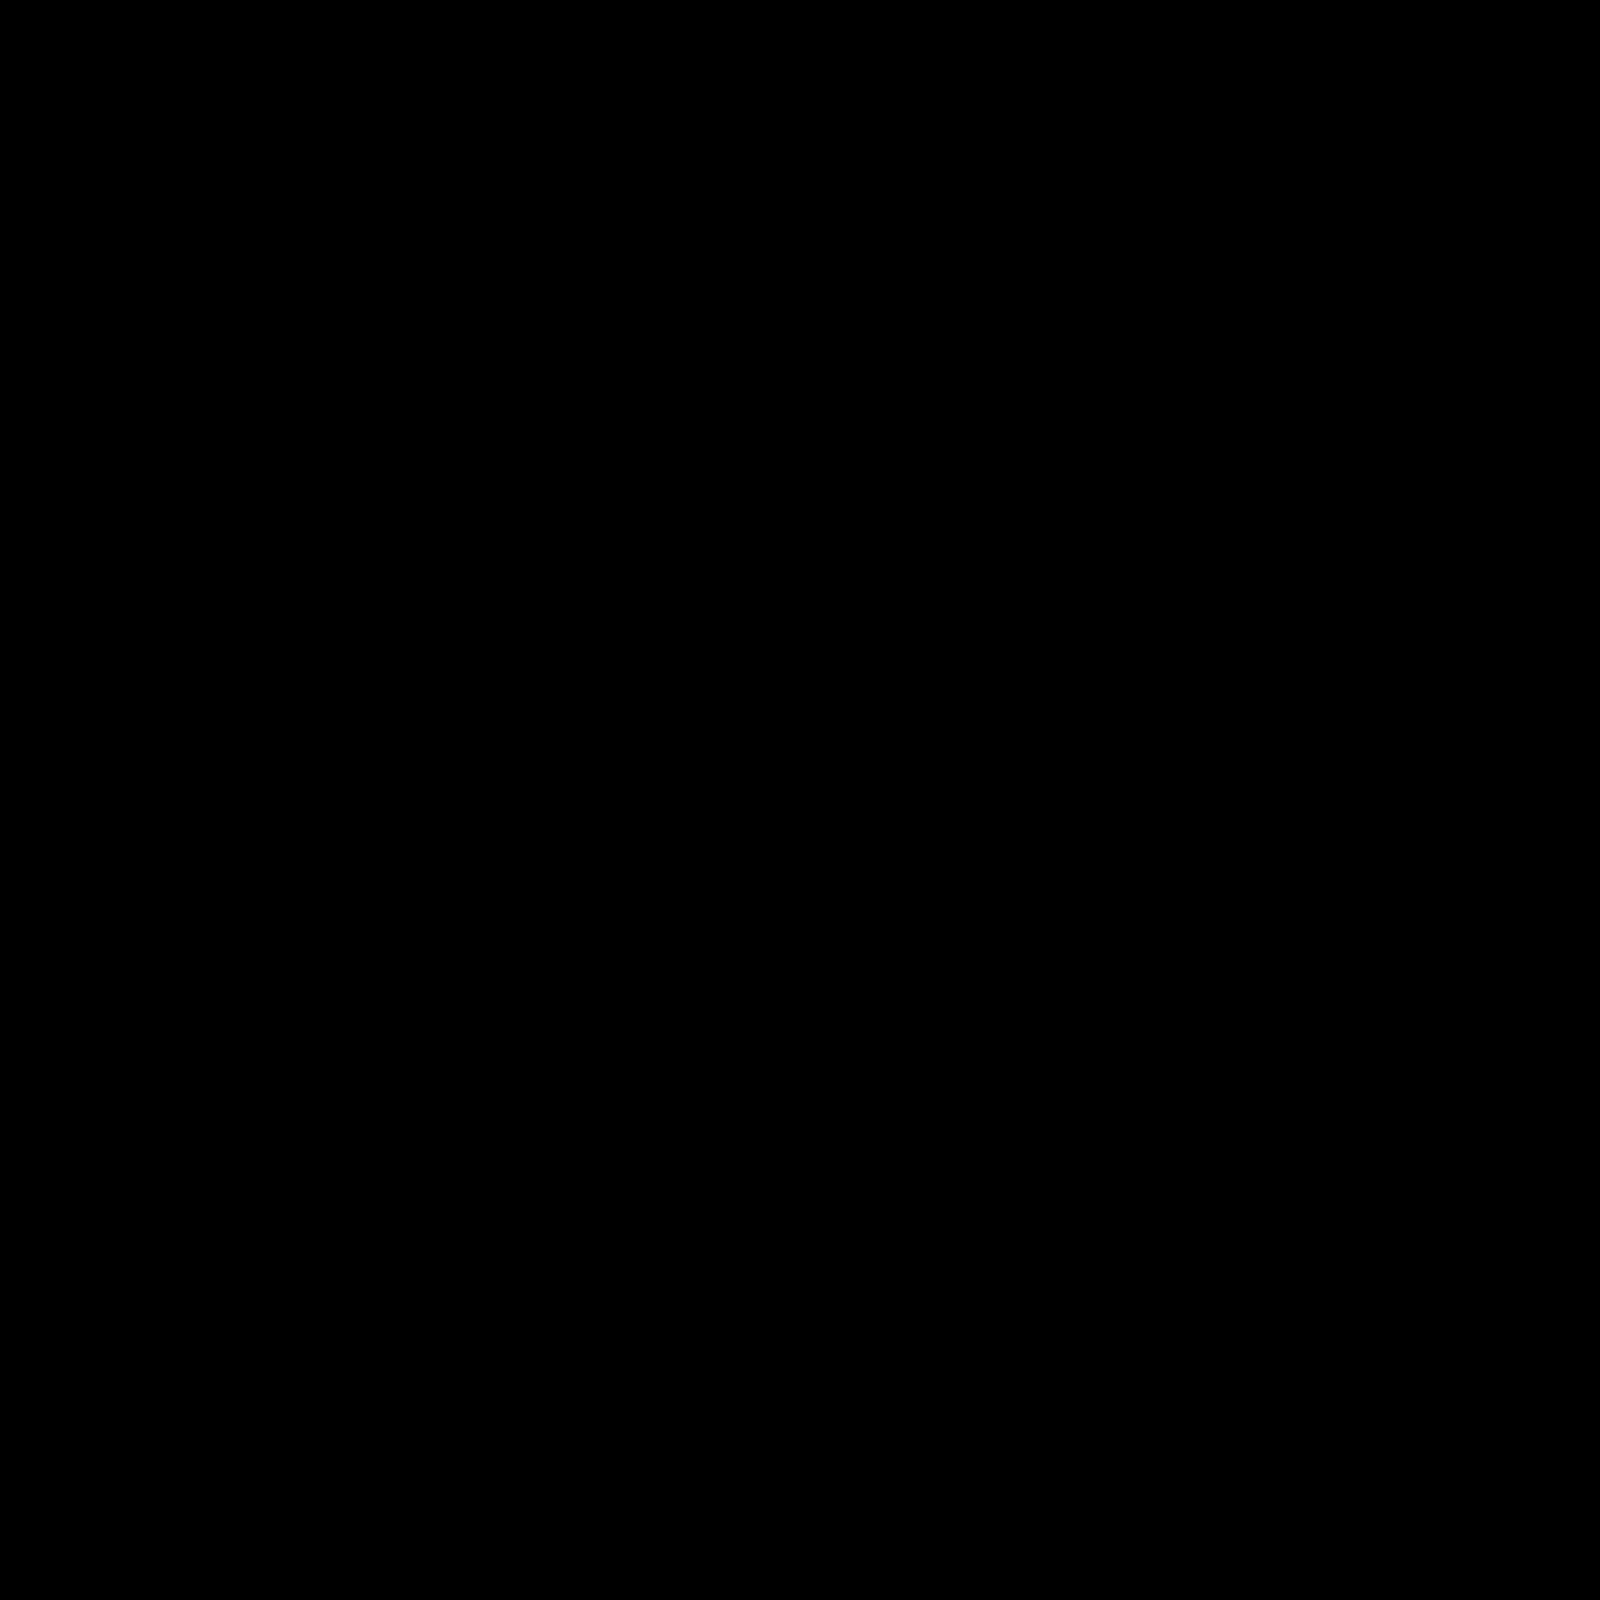 Ganesh SVG Clip arts